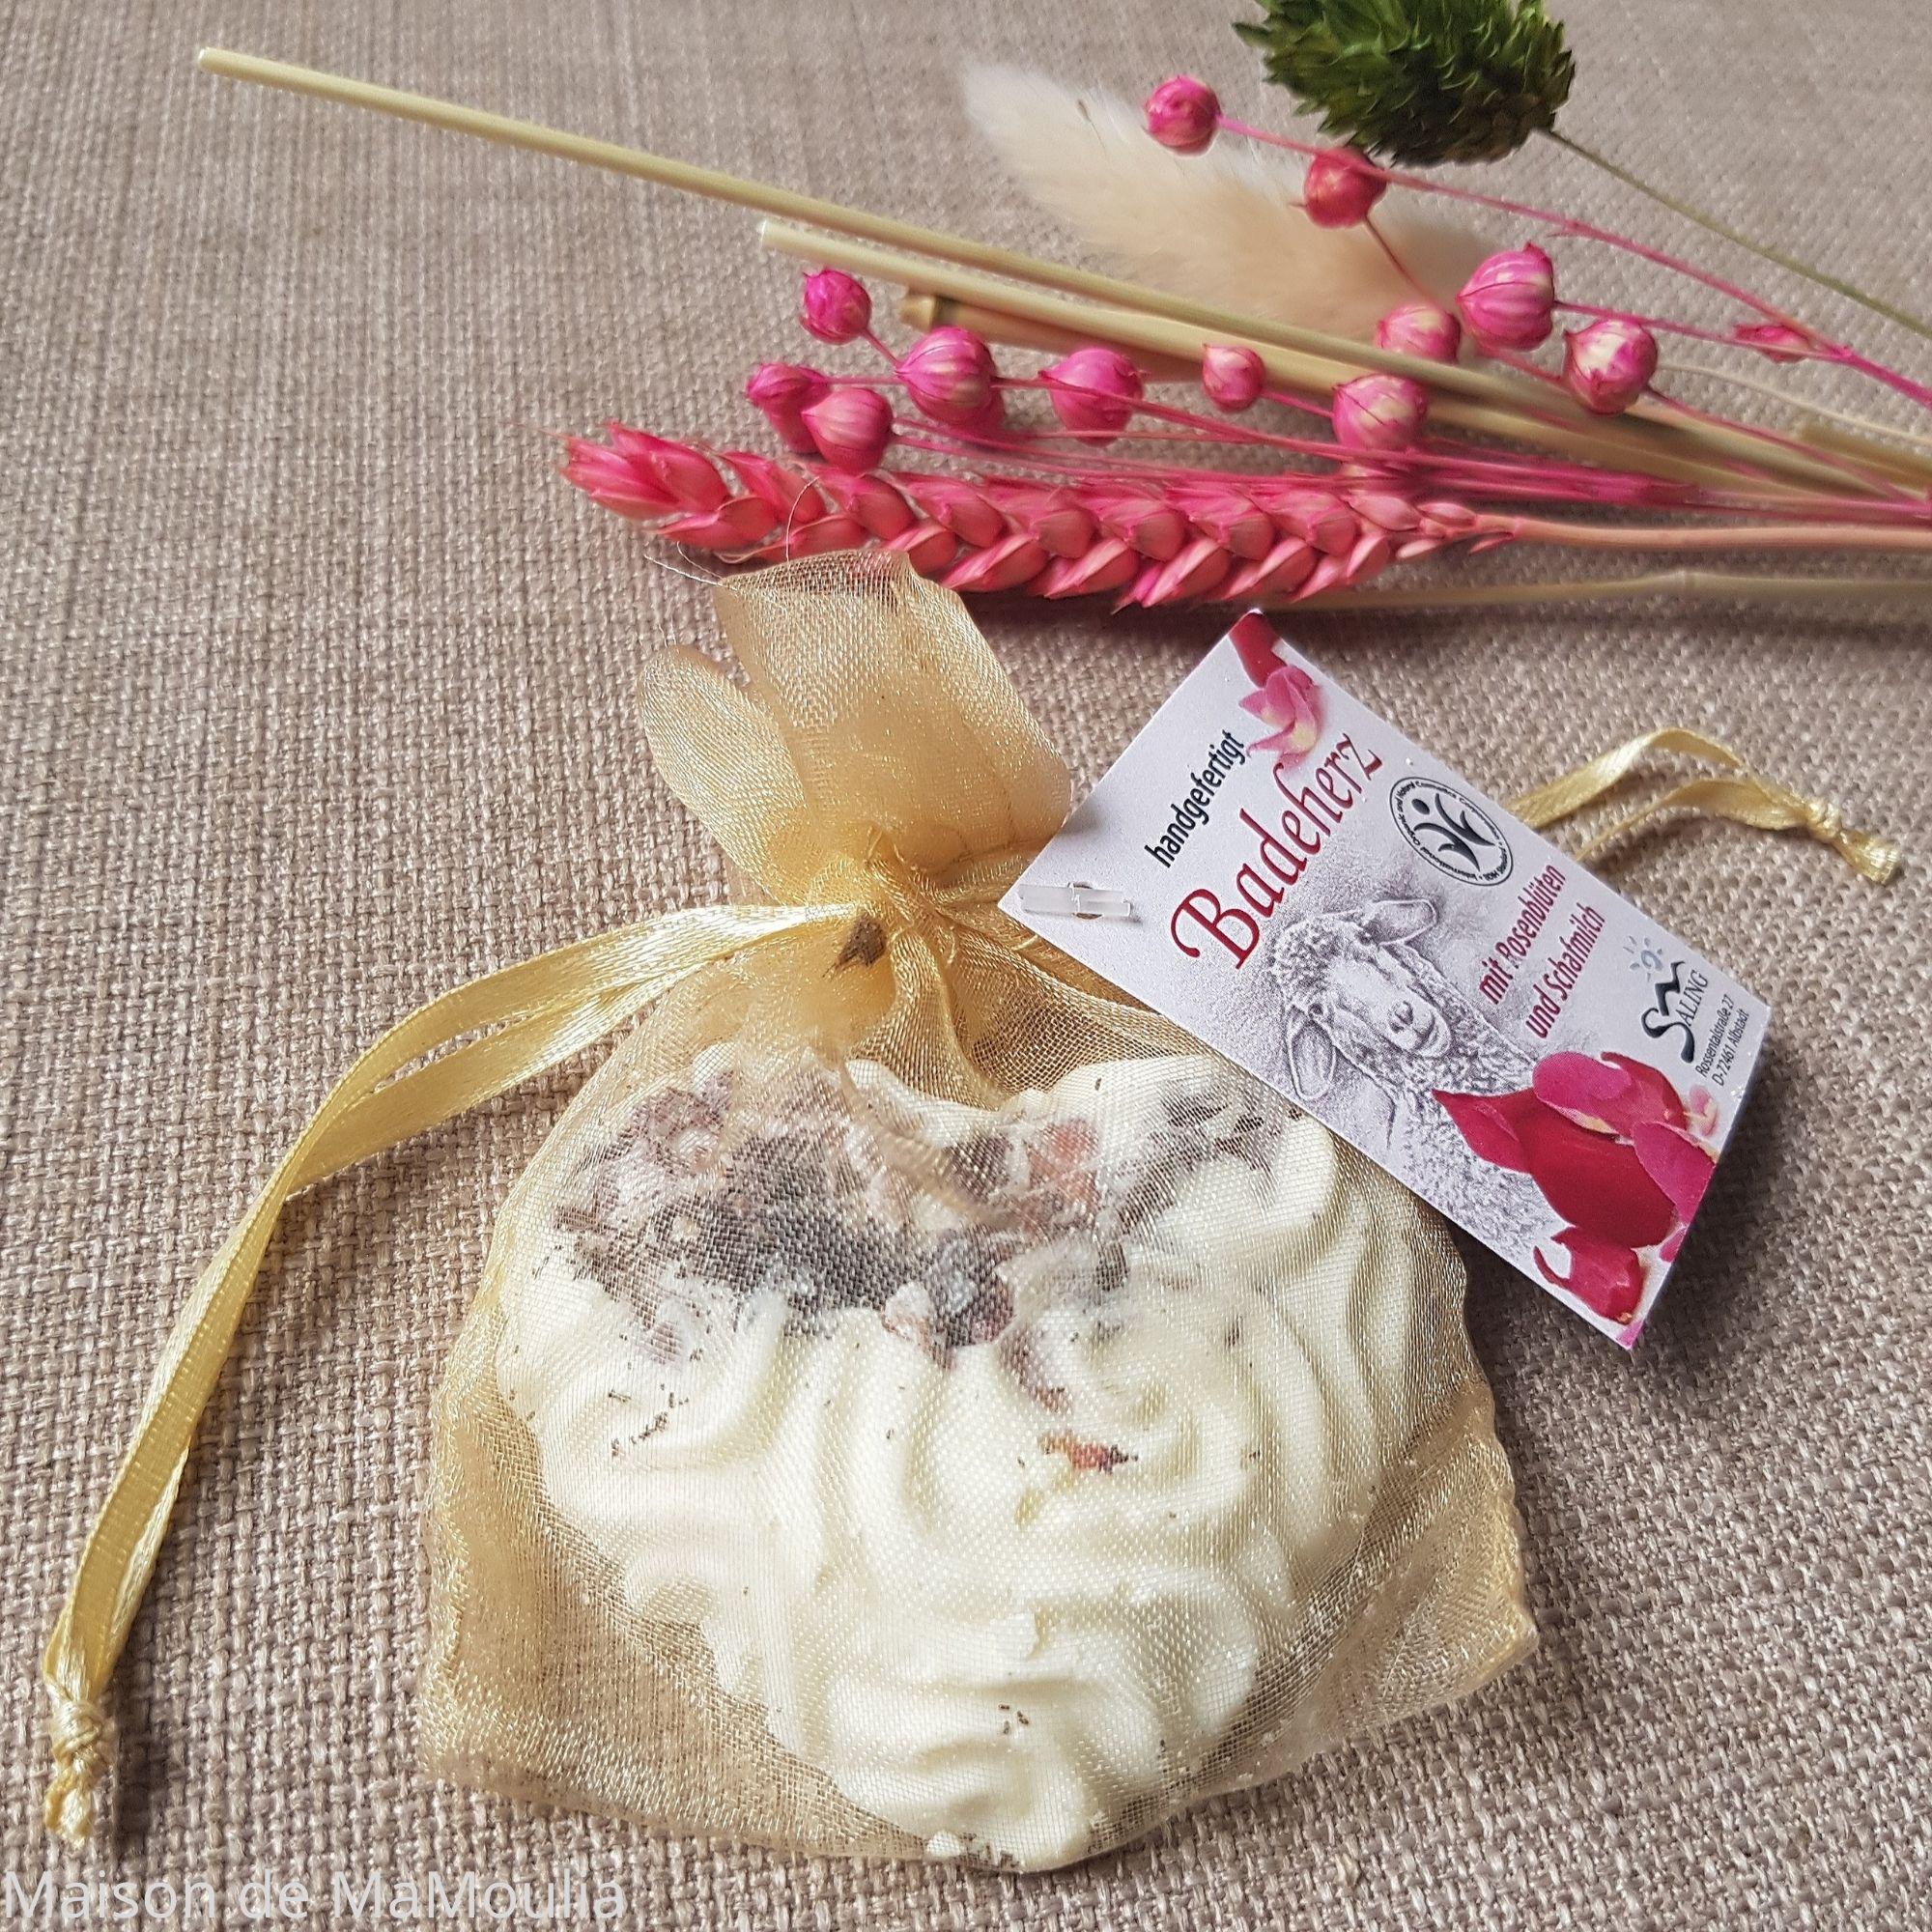 bombe-de-bain-coeur-saling-naturel-lait-de-brebis-maison-de-mamoulia-rose---